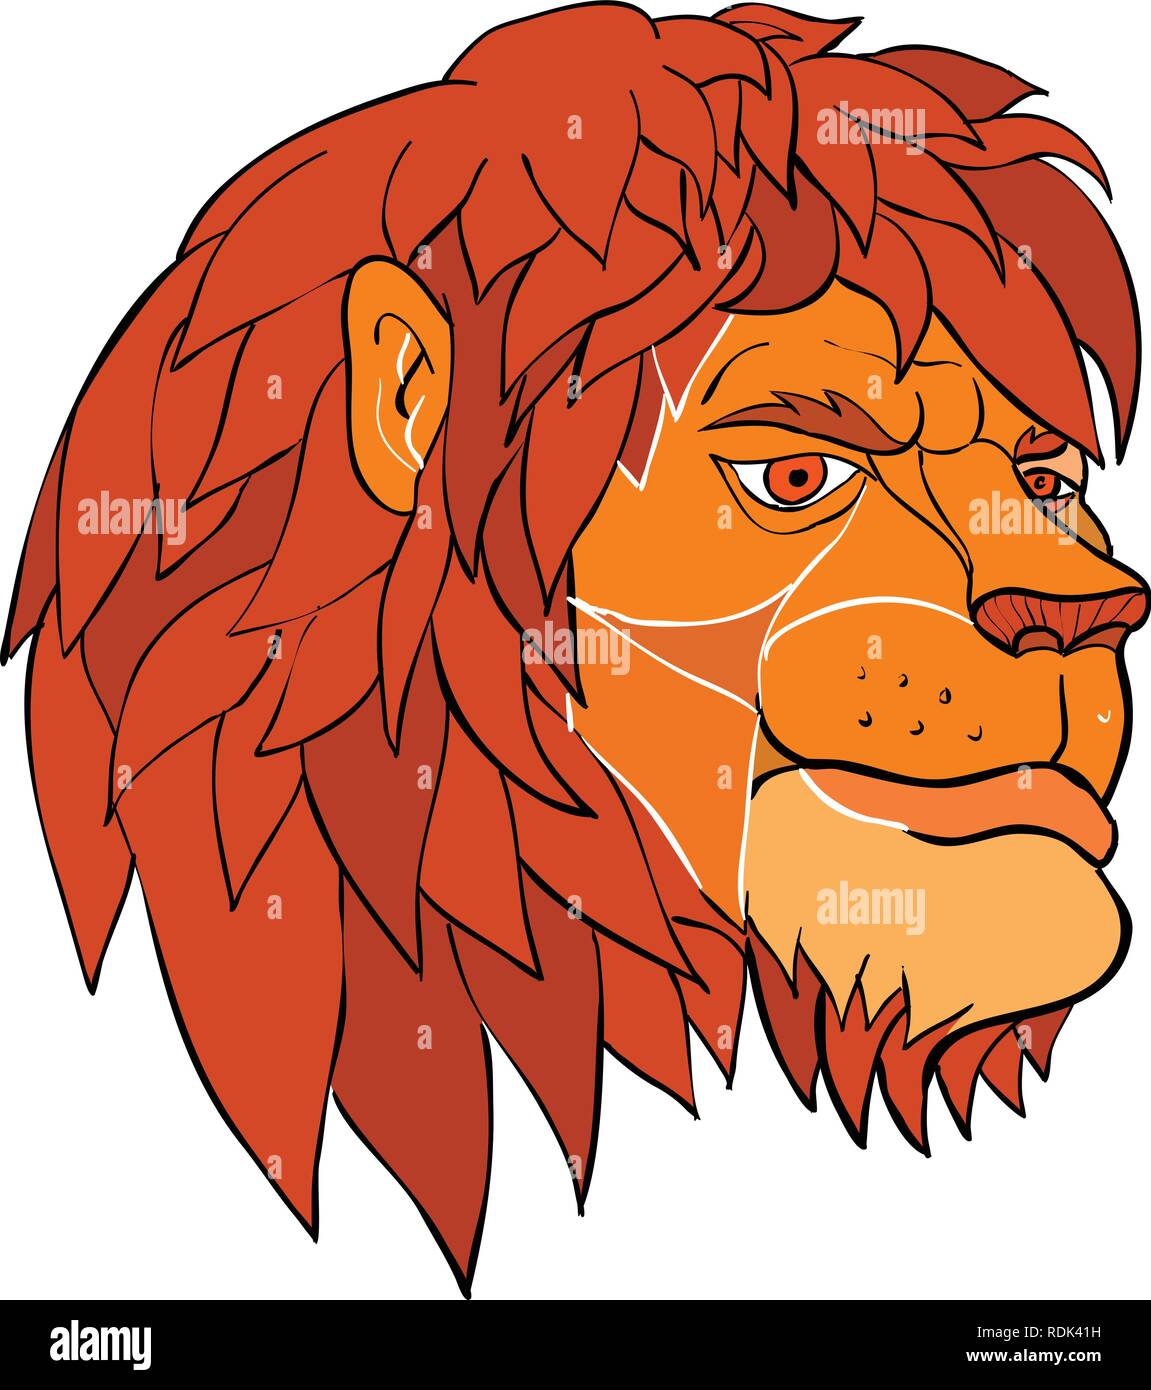 Ilustración Del Estilo De Dibujos Animados De Una Cabeza De Un León